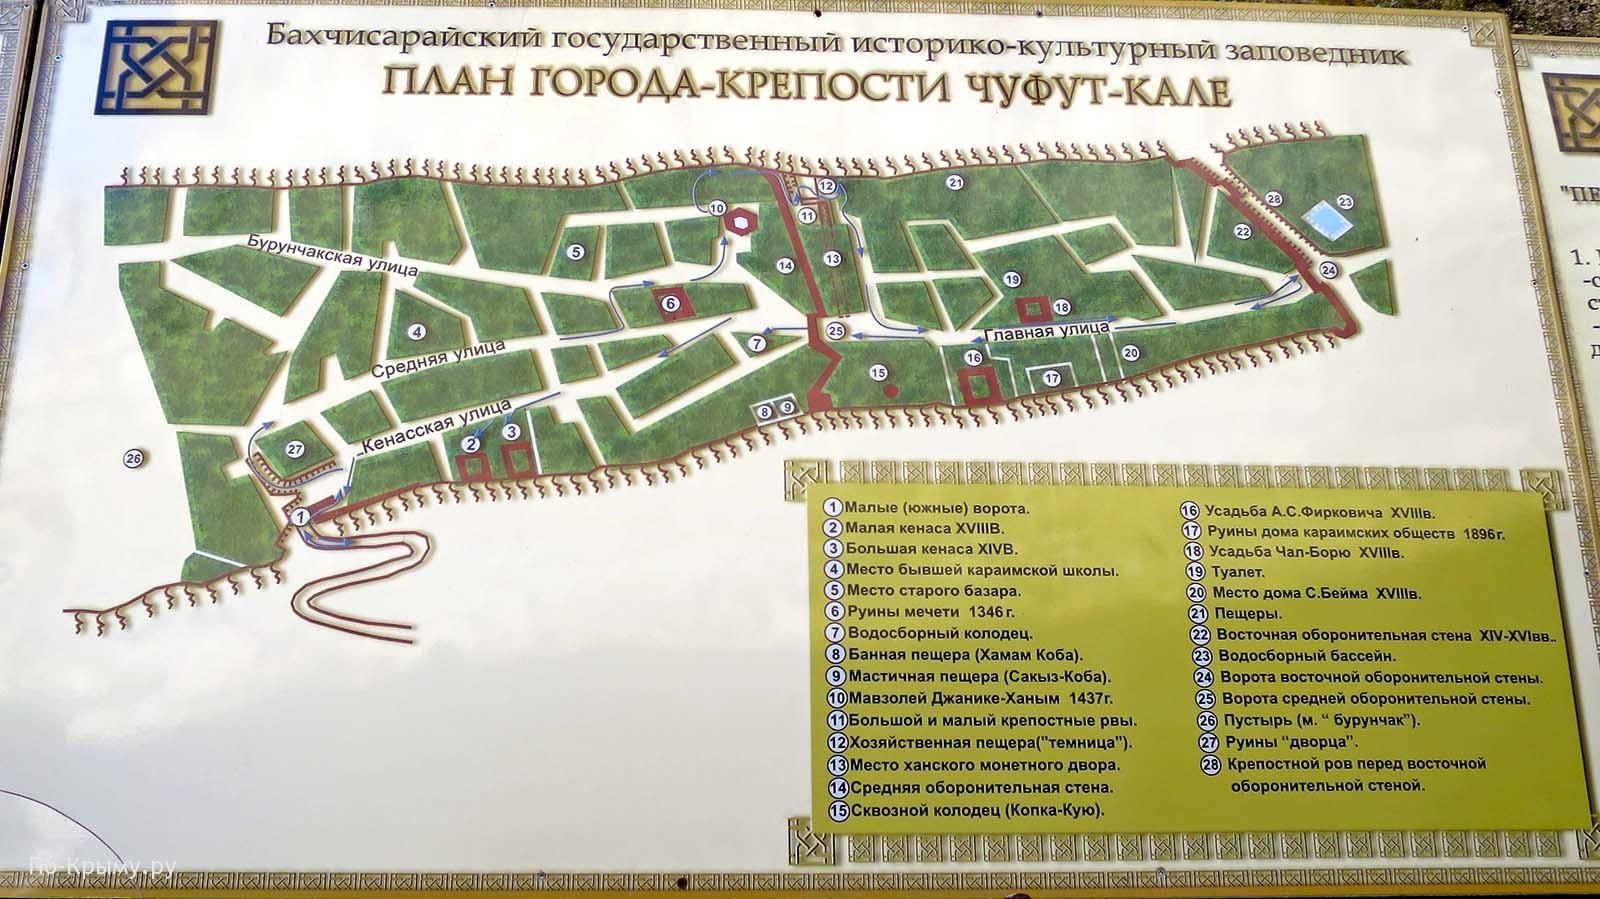 План города крепости Чуфут